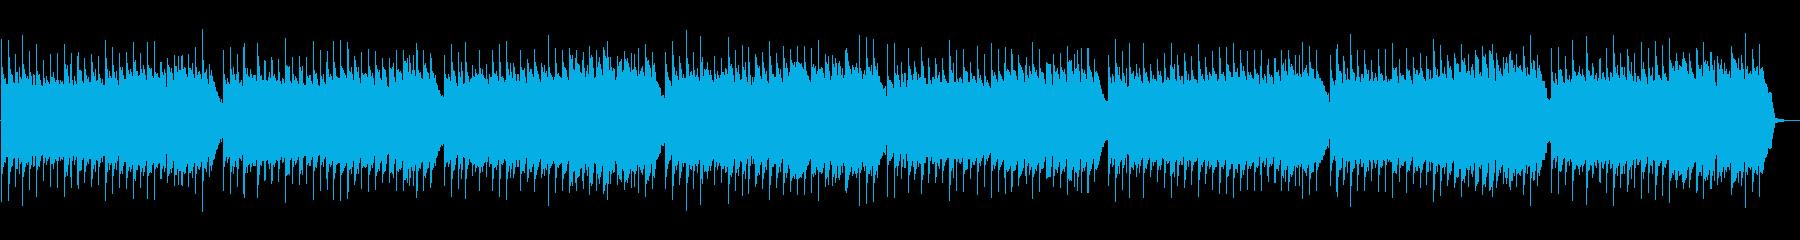 企業VP169、ピアノ、アコギ、穏やかLの再生済みの波形